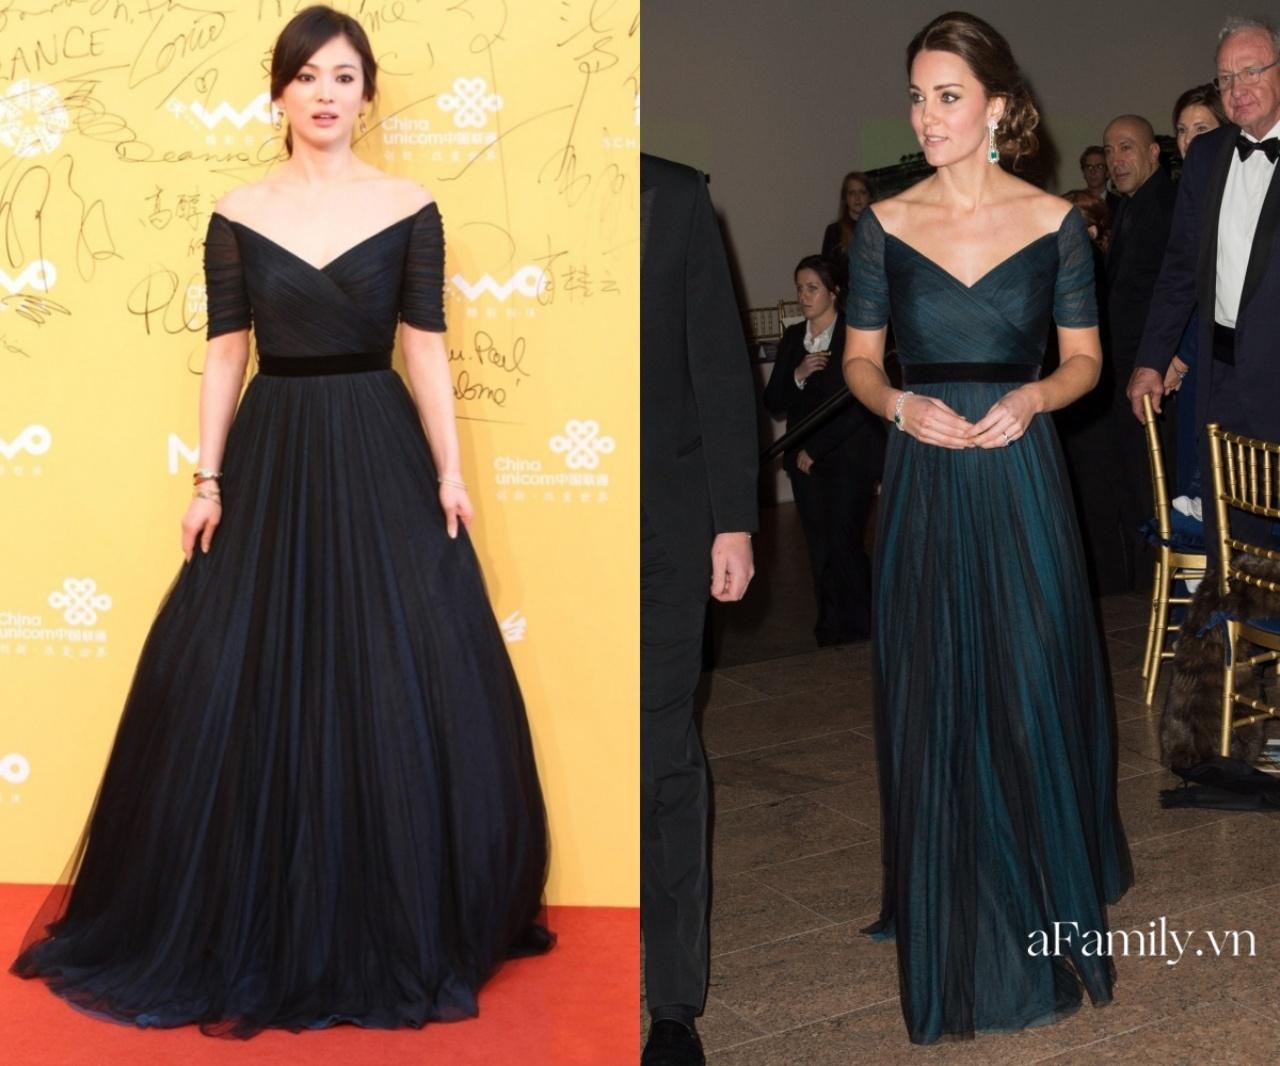 """Đụng váy với Công nương Kate, Song Hye Kyo chẳng có """"cửa"""" so bì mà đã bị khí chất Hoàng gia đè bẹp - Ảnh 1."""